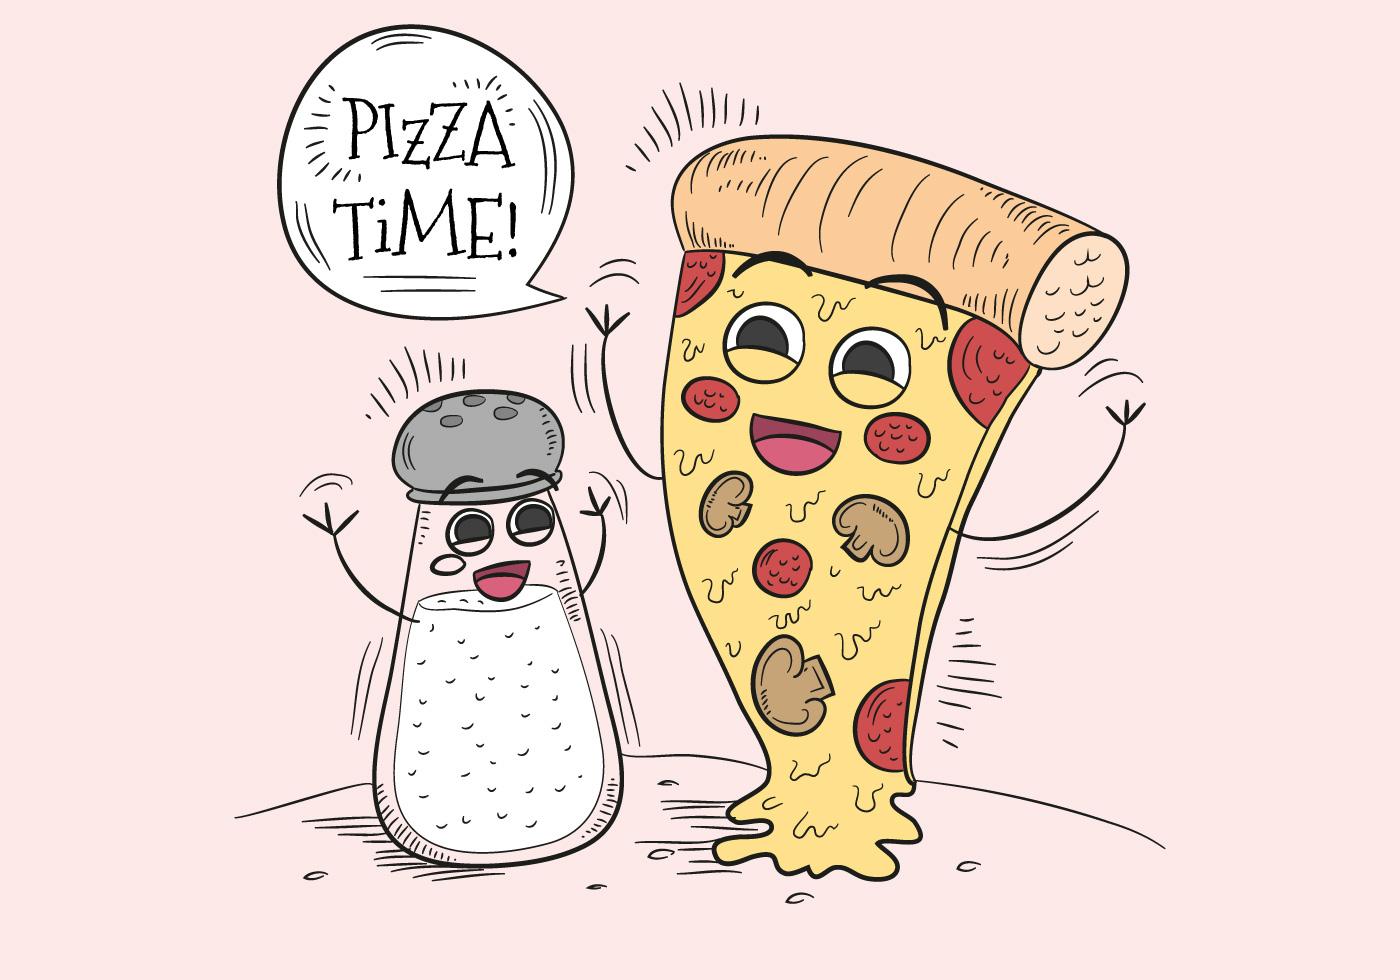 Смешная картинка с пиццей, открытка днем рождения